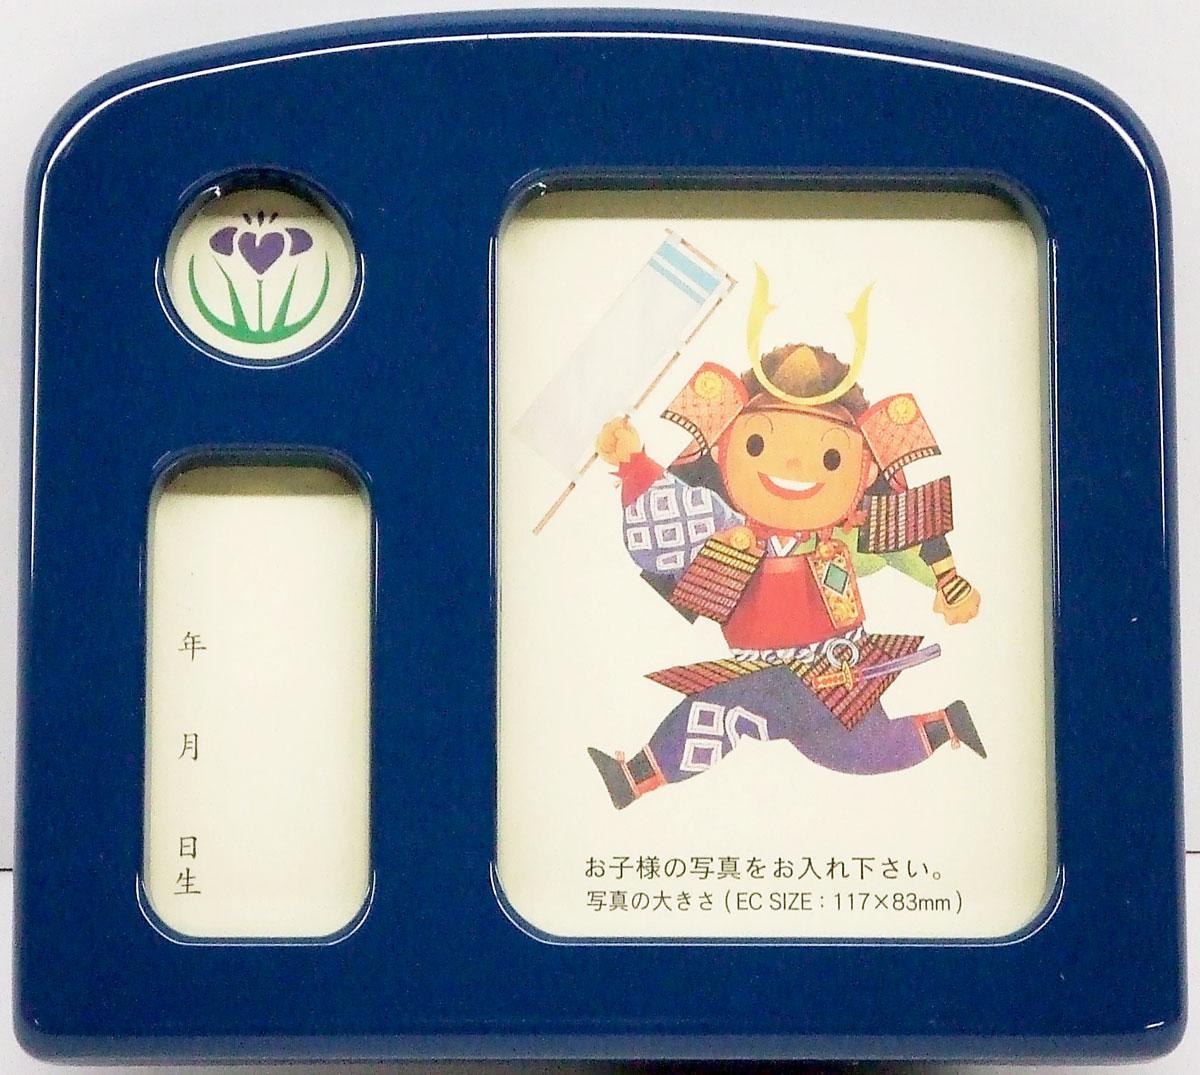 五月人形 お子様の写真が入れられます ※縦型専用 送料無料 リトルオルゴールフォト 端午の節句 保証 物品 オルゴール付写真立てJI-508 藍※名入れ対象外